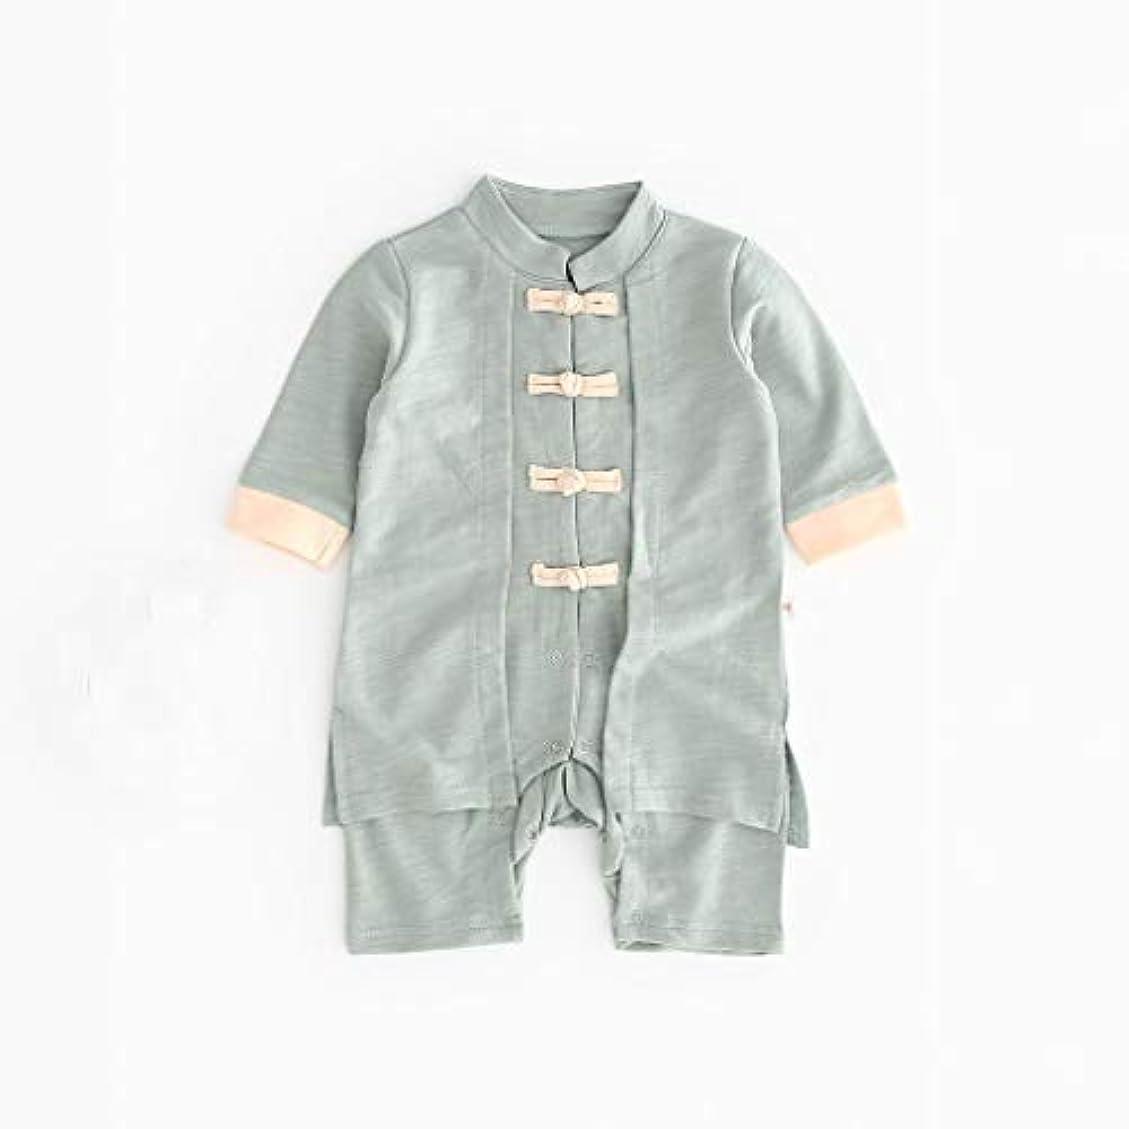 探偵腐ったスロベニアかわいいボタン漢風生まれたばかりの赤ちゃん男の子女の子ボタン固体ロンパースジャンプスーツ着物服パジャマ女の子男の子レターストライプ長袖コットンロンパースジャンプスーツ